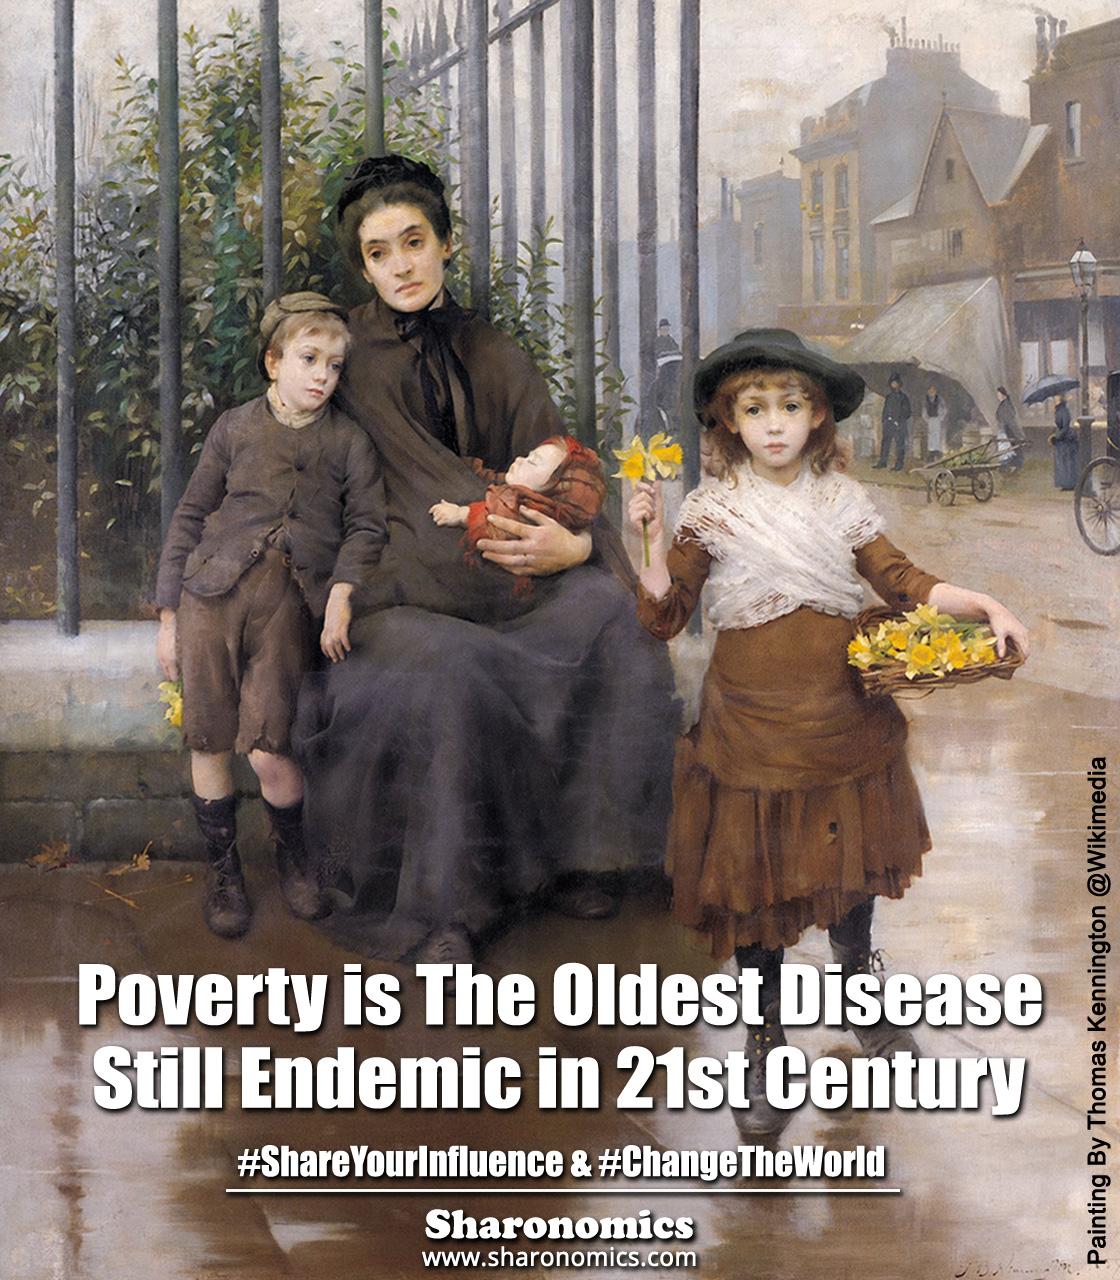 sharonomics, algoshare, prosperism, autonio, poverty, charity, #shareyourinfluence, #changetheworld, poverty, disease, epidemic, 21st Century, oldest, still